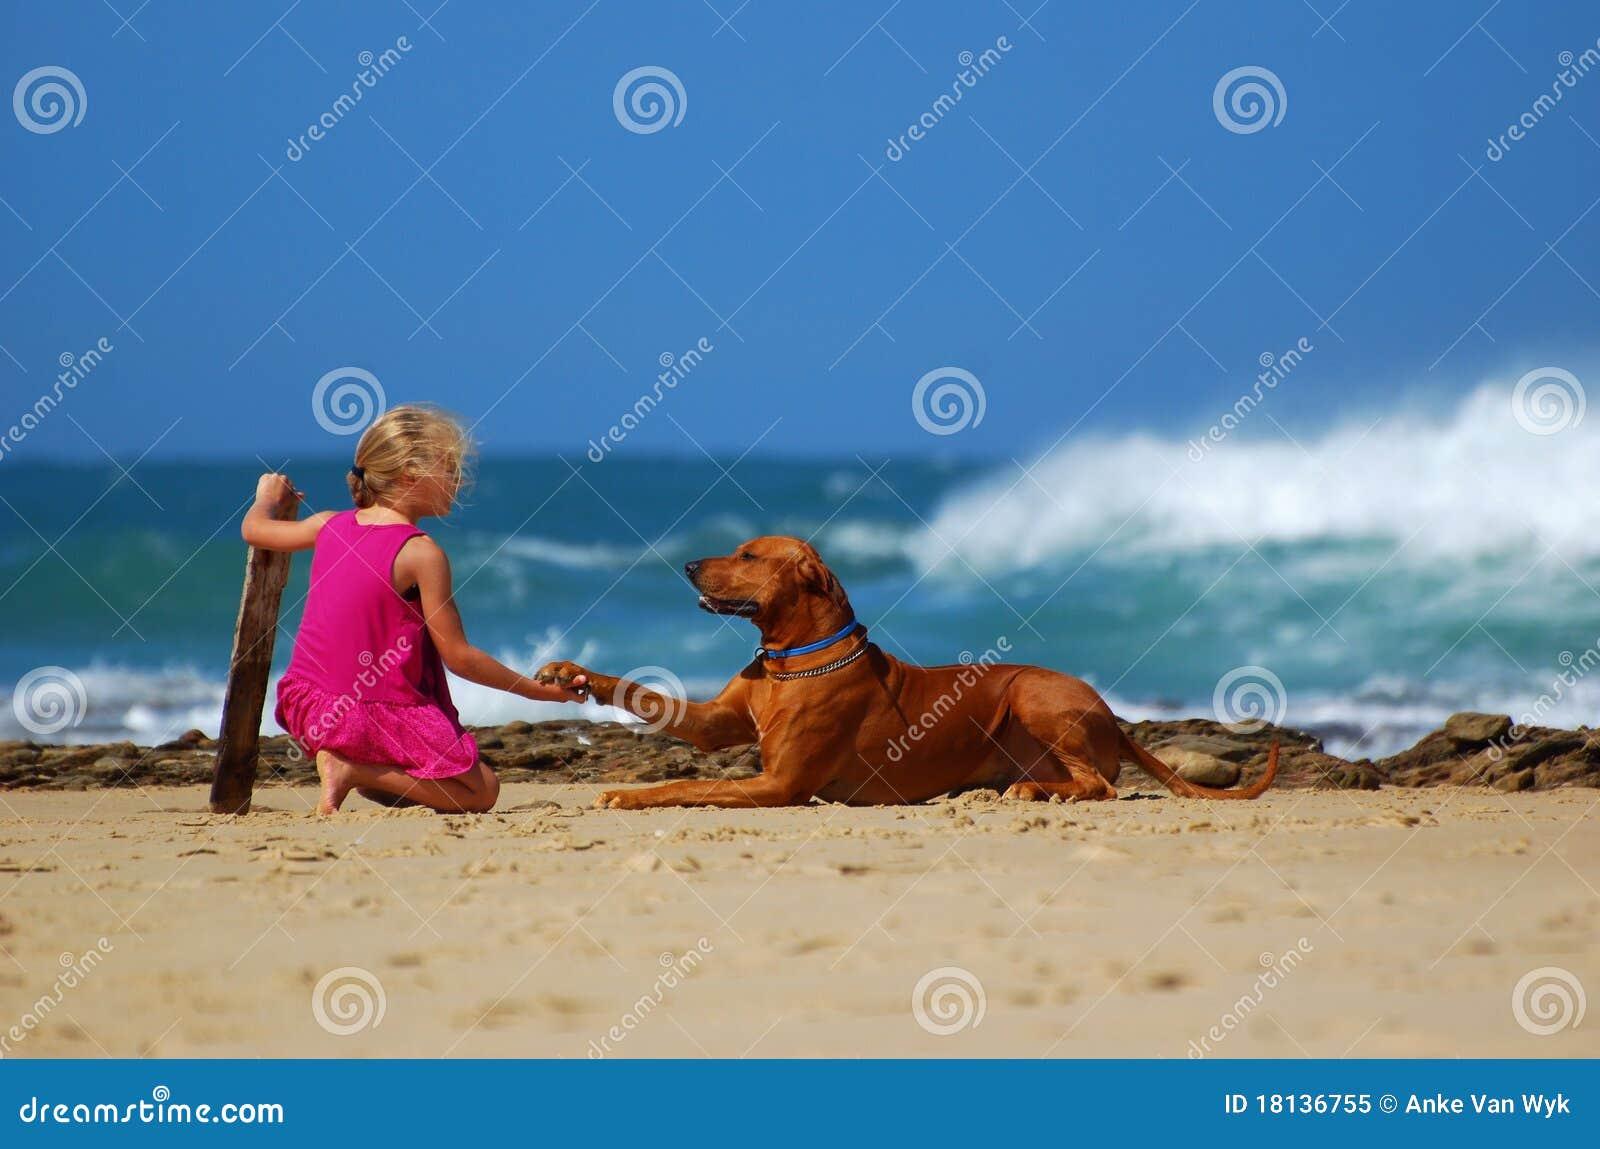 Child dog friendship